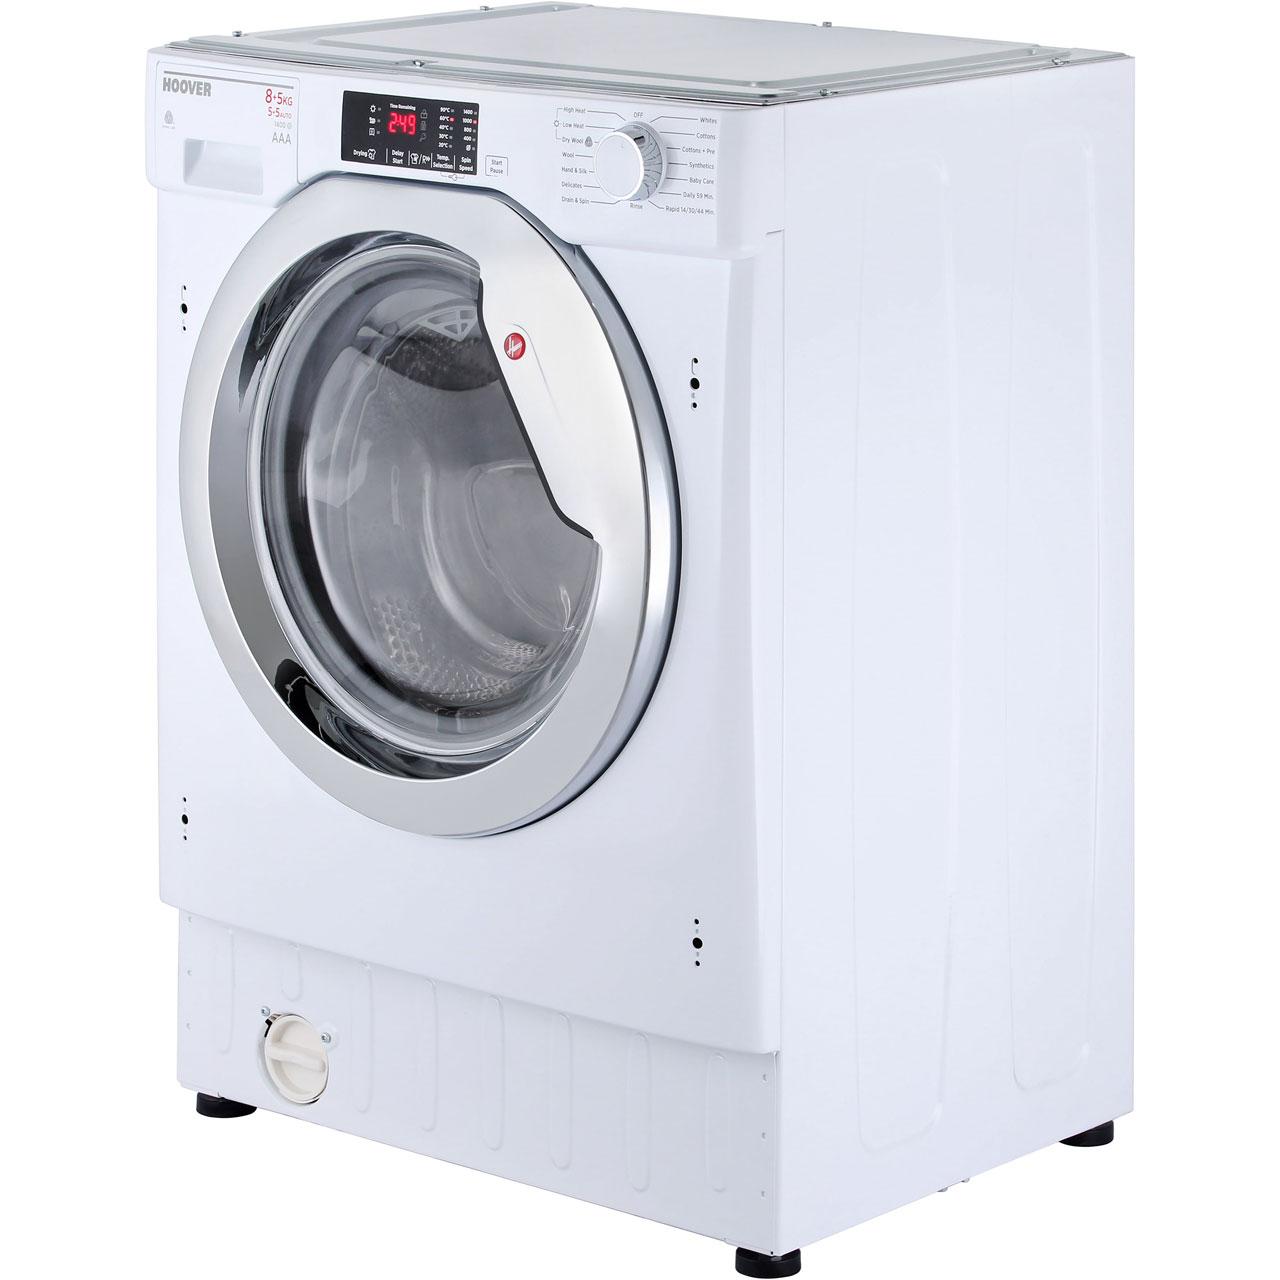 hoover hbwd8514dc built in 8kg a washer dryer white new. Black Bedroom Furniture Sets. Home Design Ideas